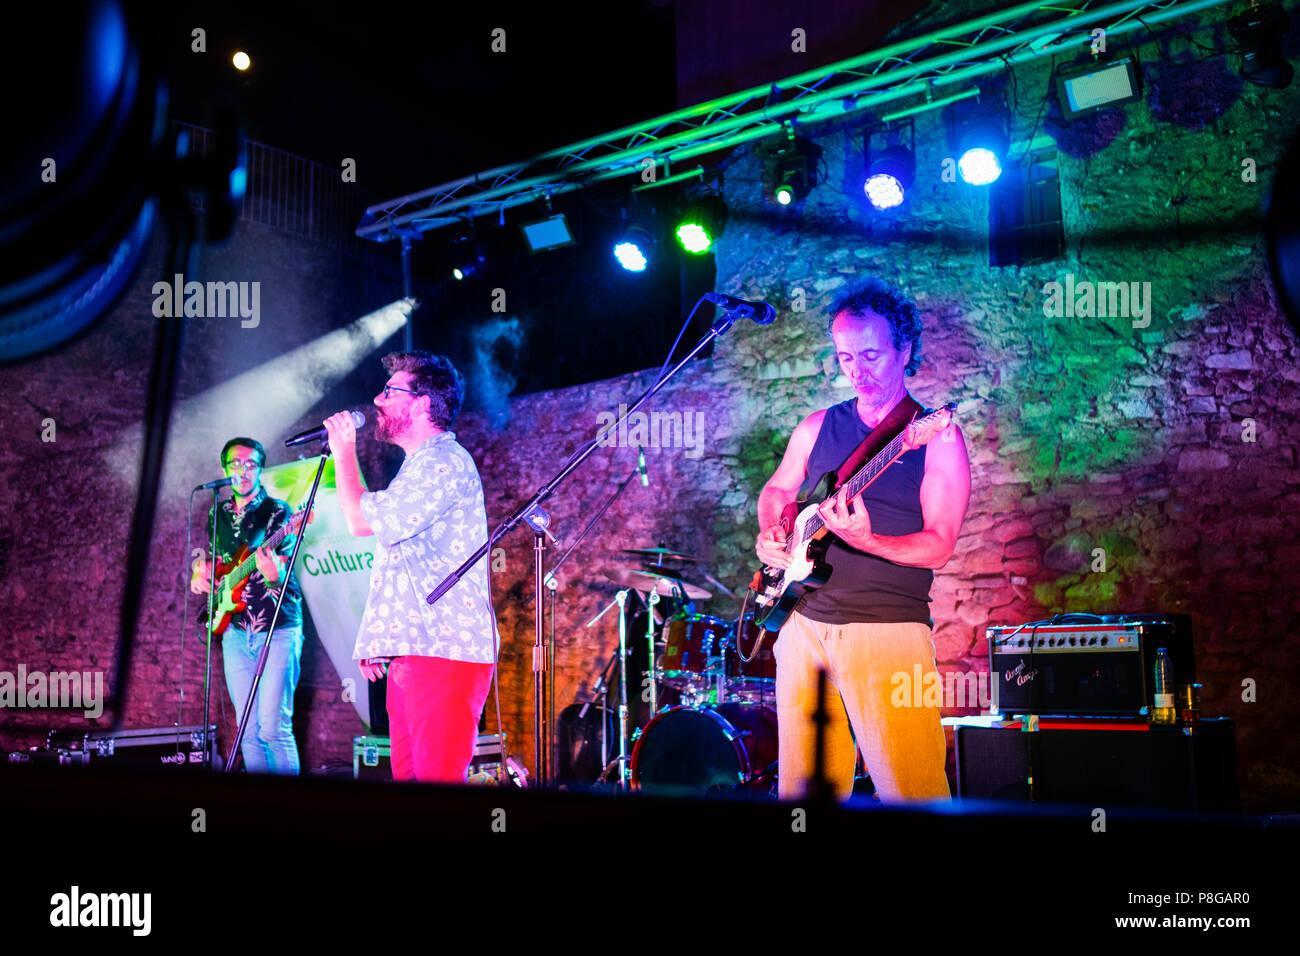 Tabletom music group, les concerts sur nuits d'été. Ville historique de Ronda. La province de Malaga Andalousie. Le sud de l'Espagne Europe Banque D'Images